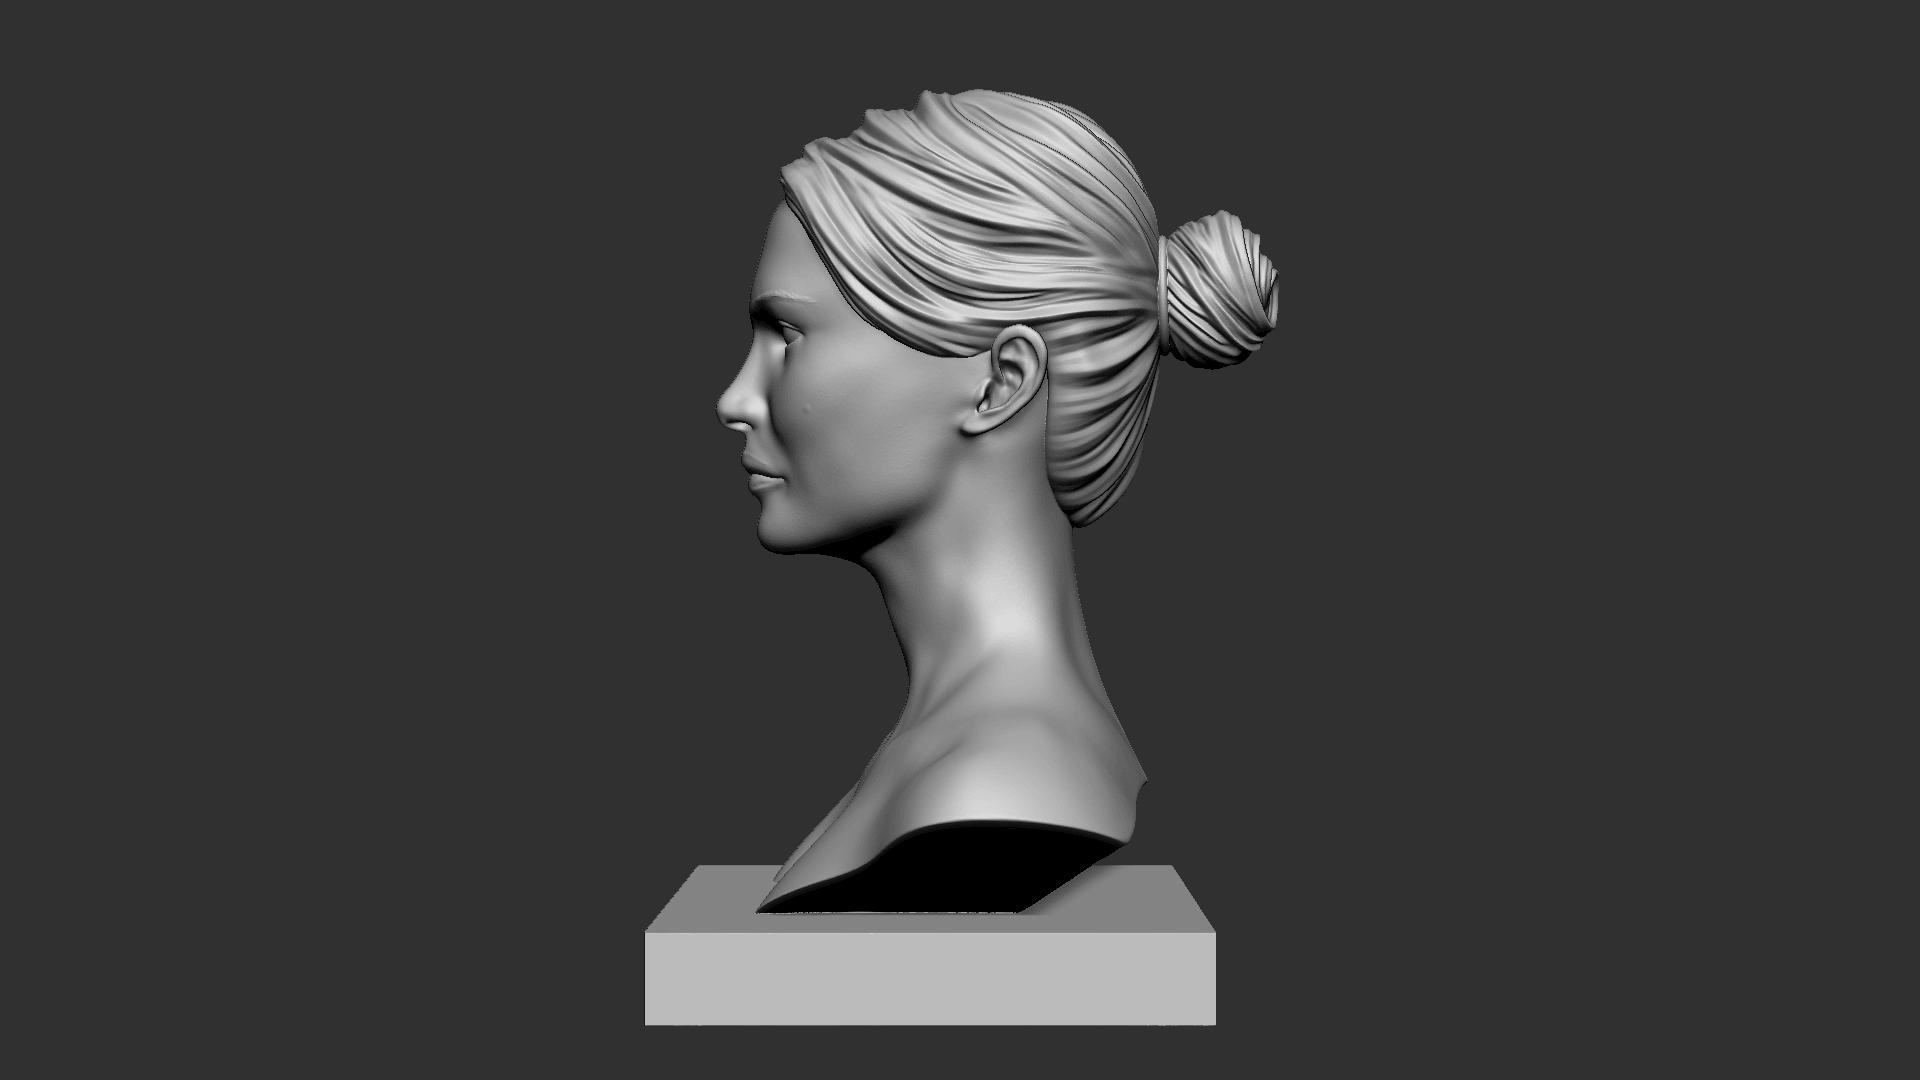 Portman_04.png Download OBJ file Natalie Portman Bust • 3D printing object, Ben_M